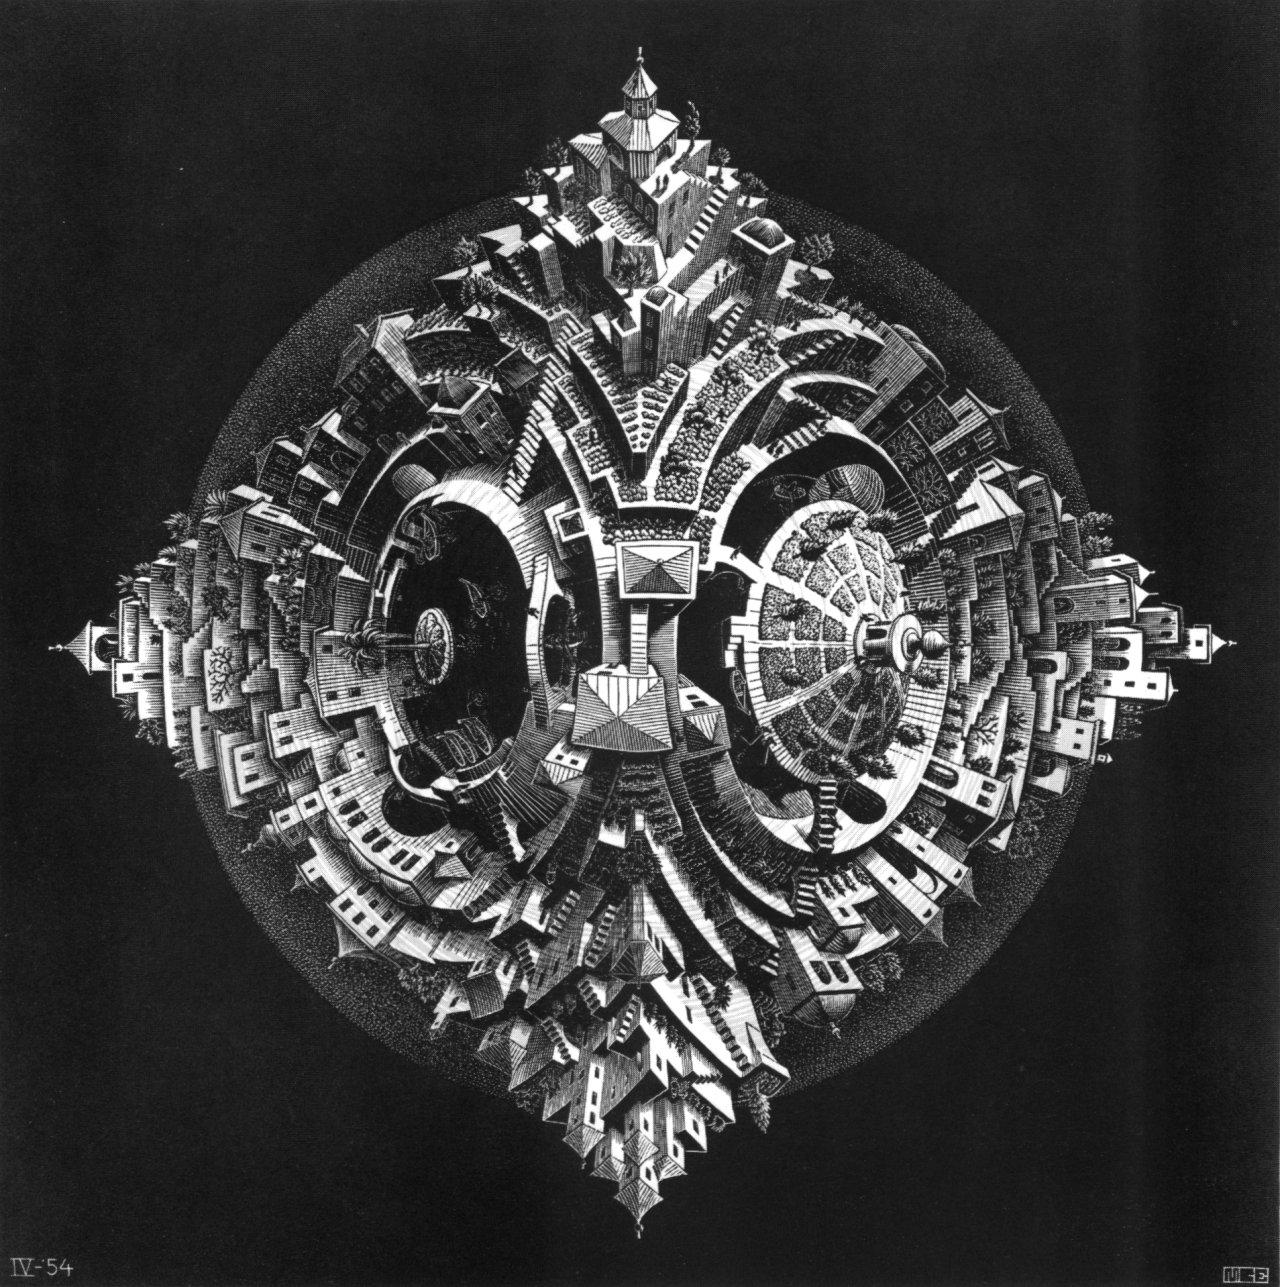 58-planetoi%cc%88de-en-tetraedre-1954